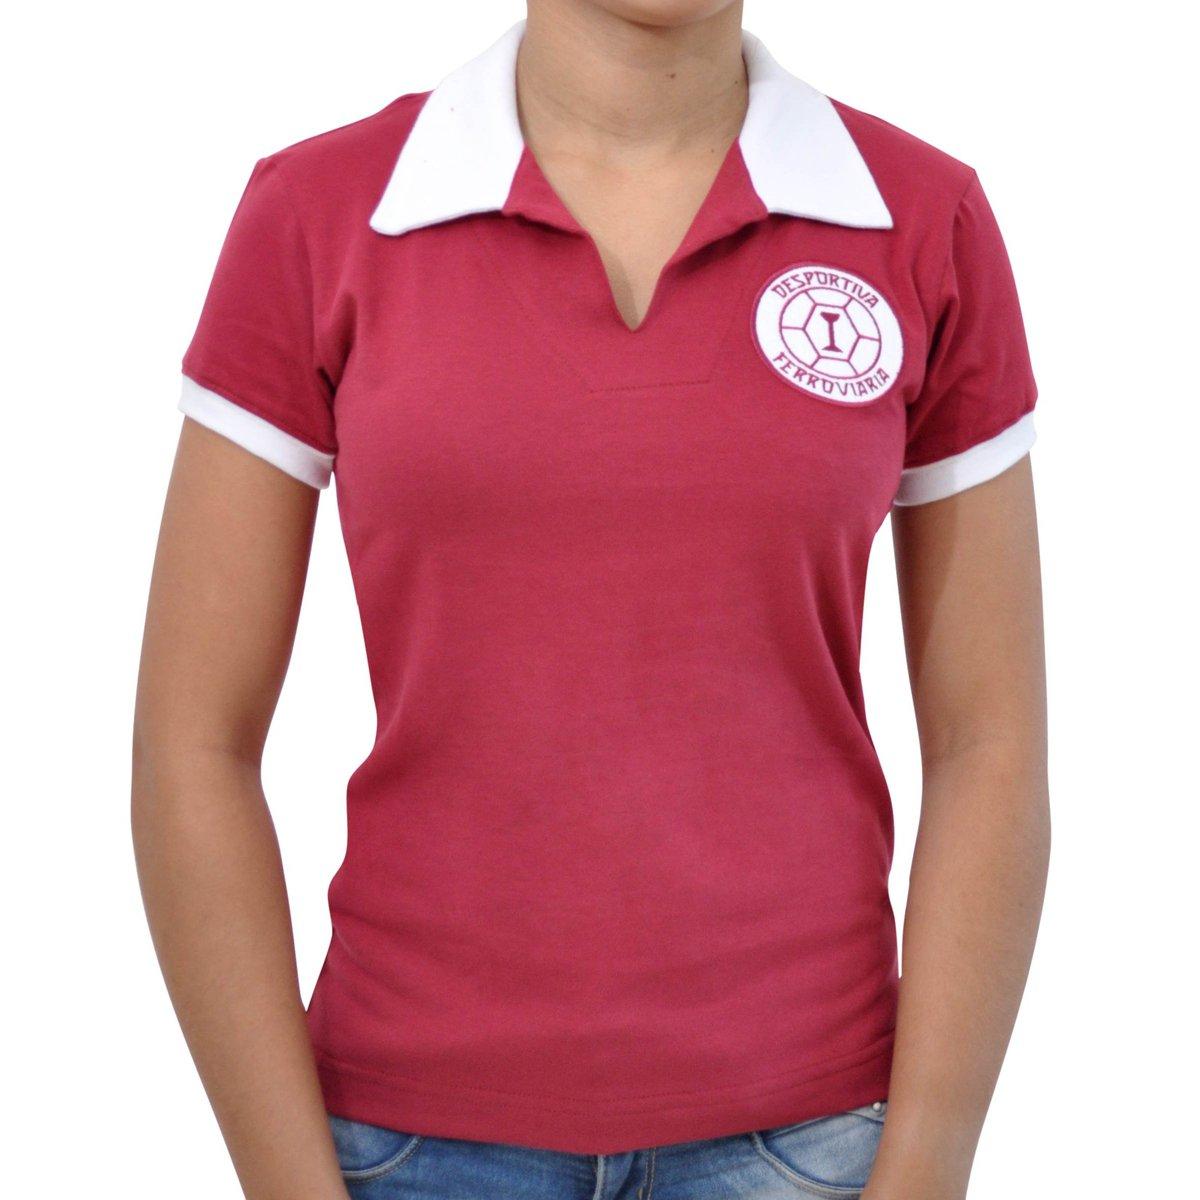 1965 Camisa Retrô Mania Camisa Ferroviária Vinho Feminina Desportiva Retrô 7pHvHw1q